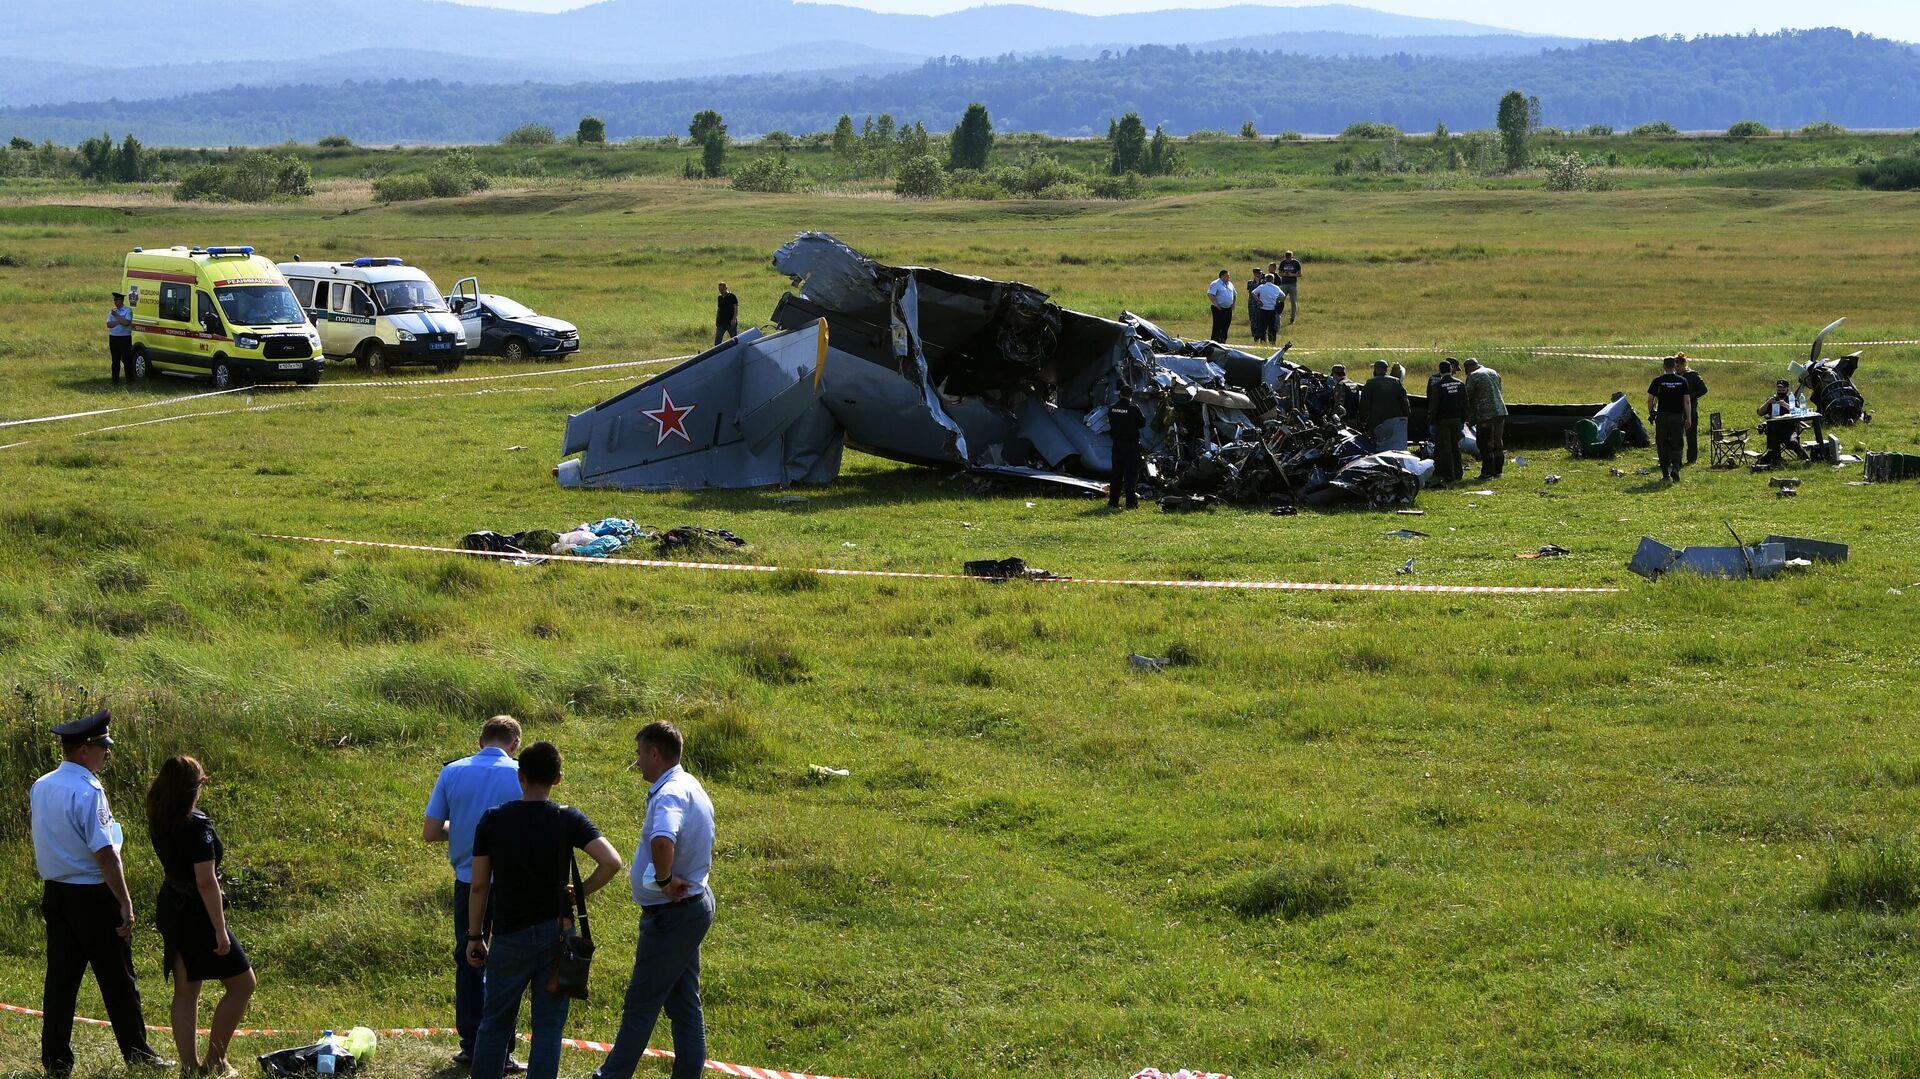 Медики рассказали о состоянии раненых при крушении самолета в Кузбассе